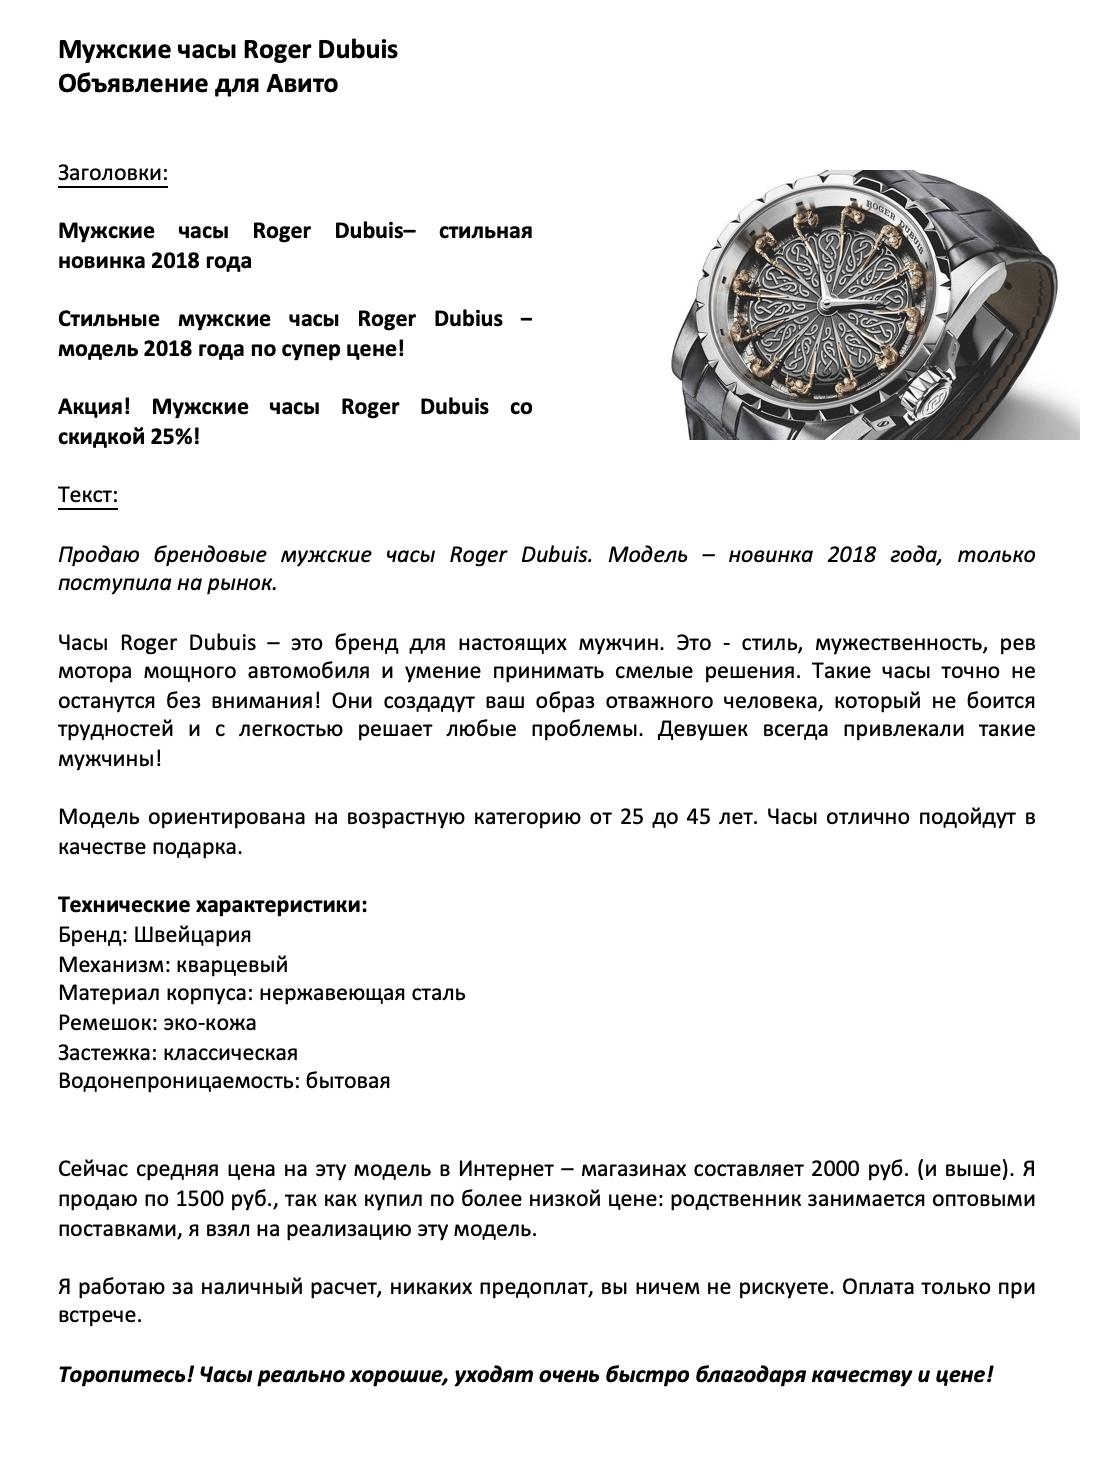 Пример объявления на Авито #63 – Текст объявления на Авито по продаже мужских часов